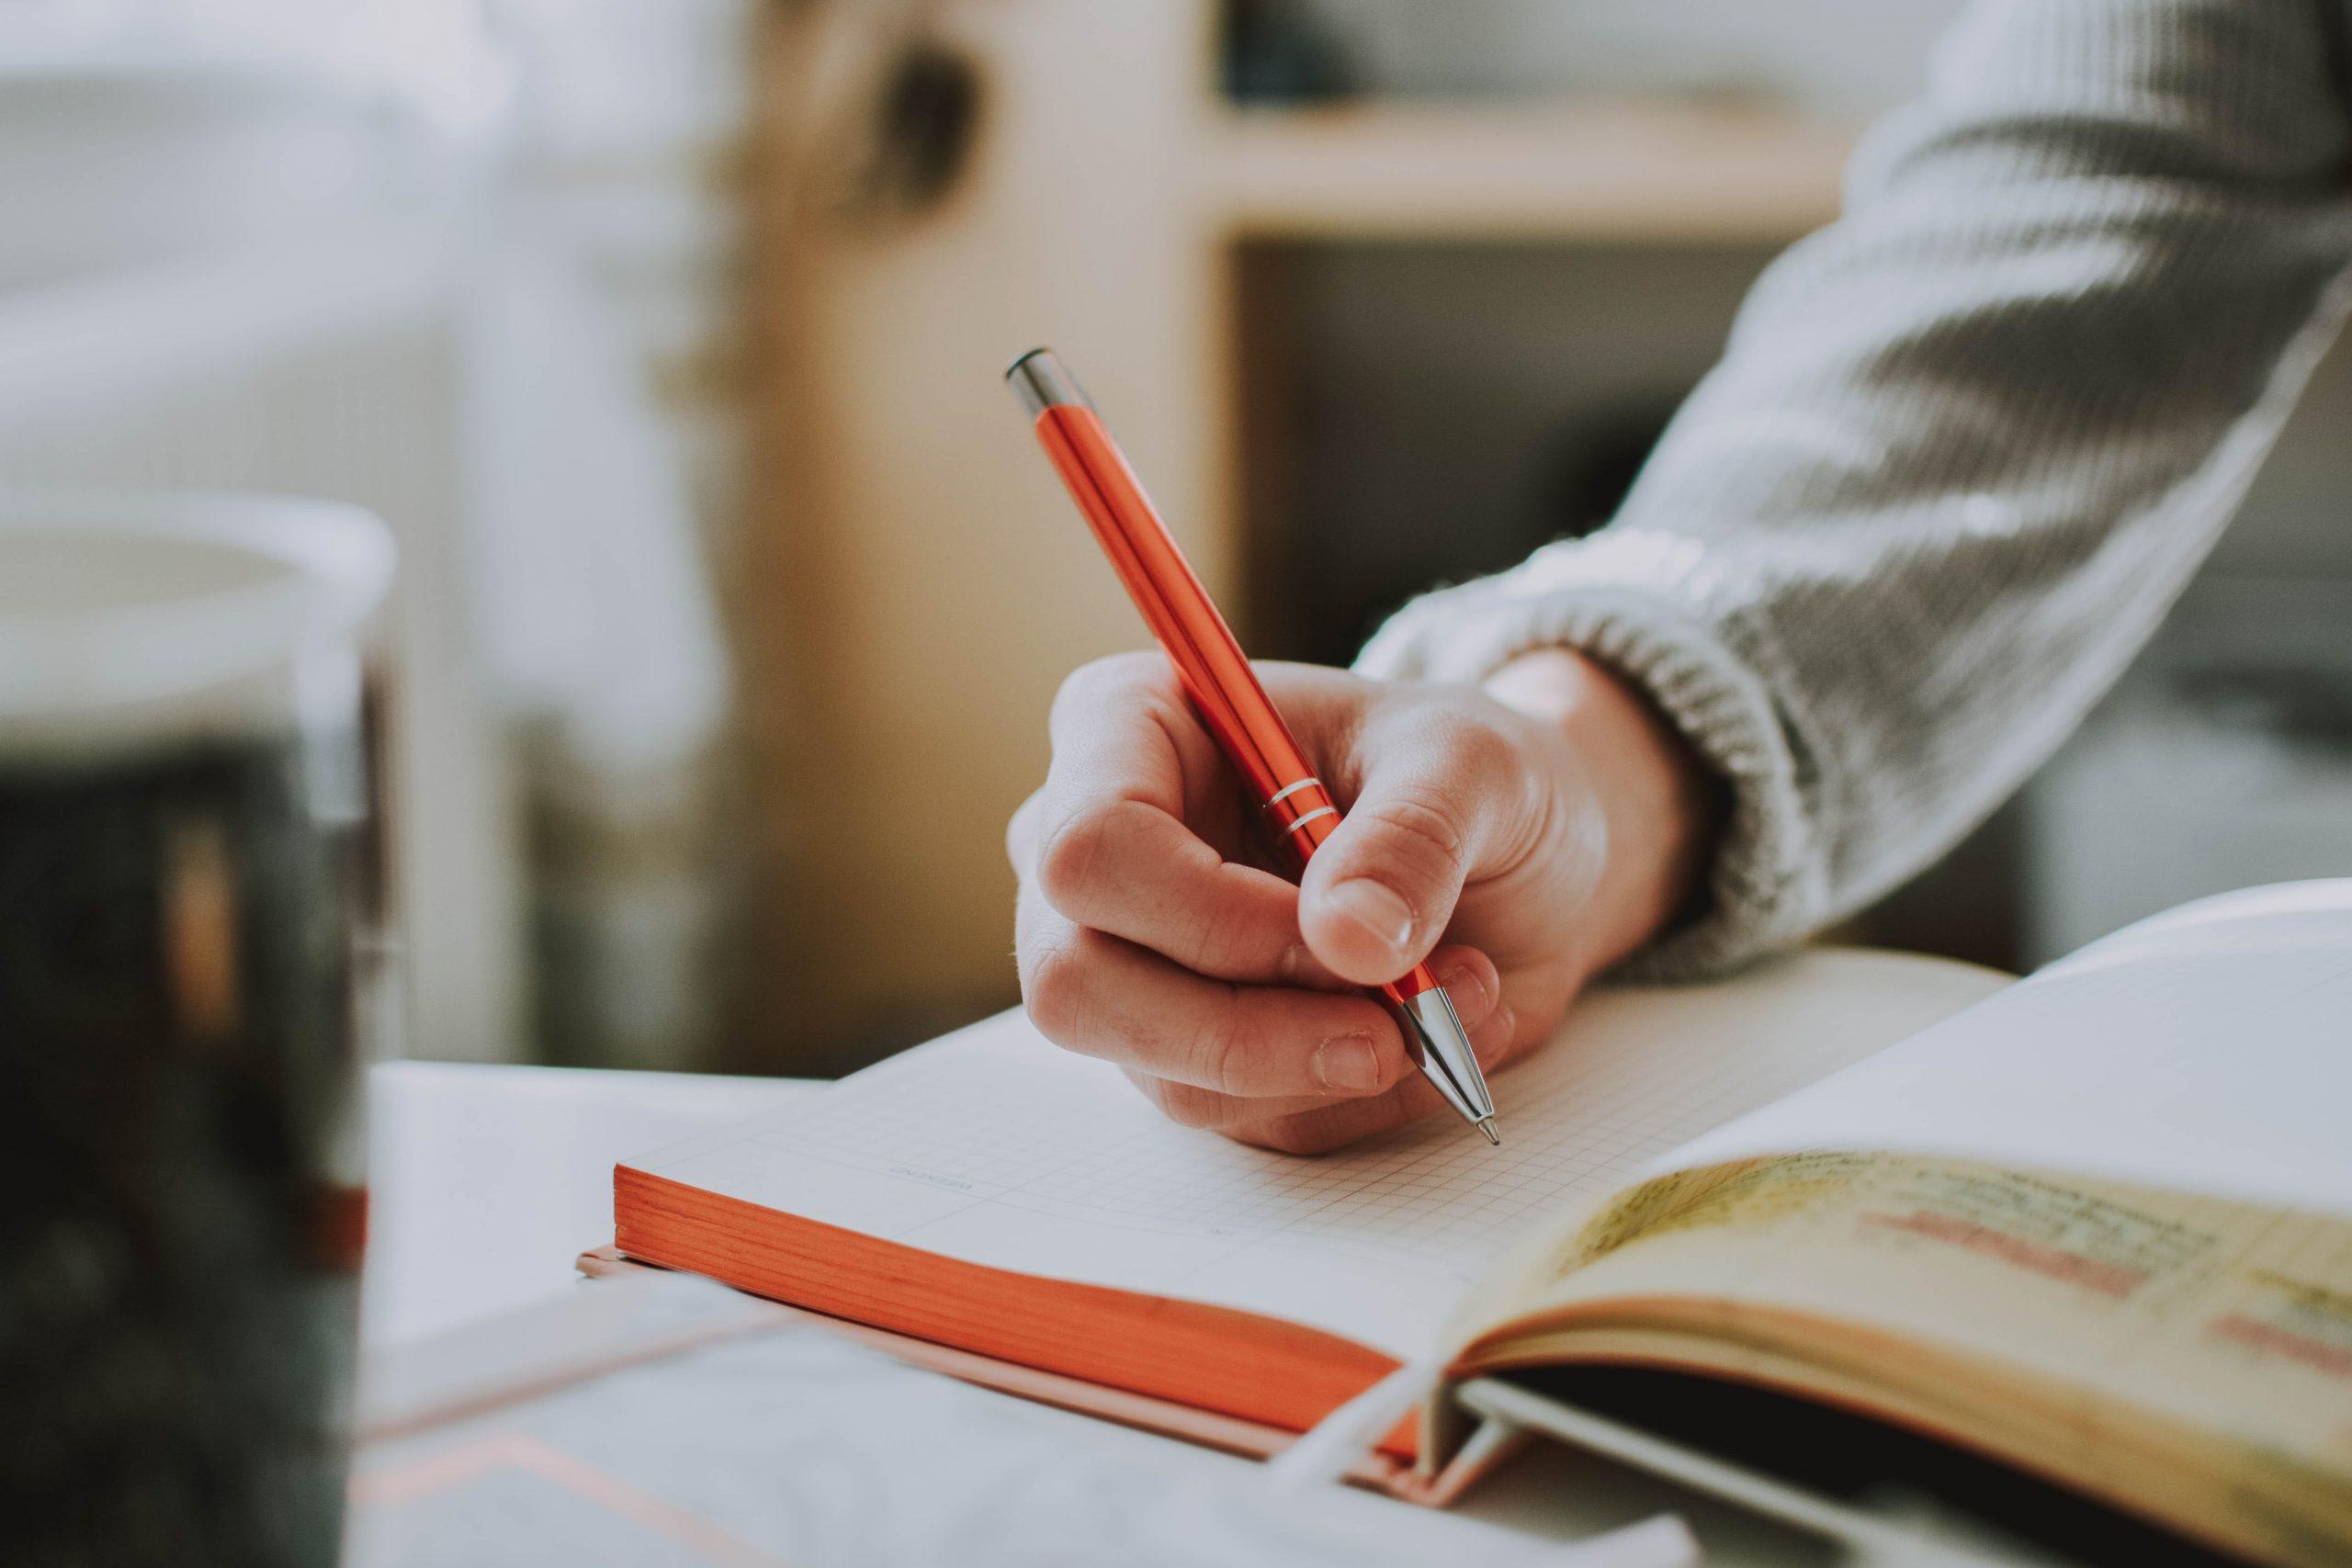 Ein Bullet Journal zu führen, kann beim Verändern von Gewohnheiten helfen